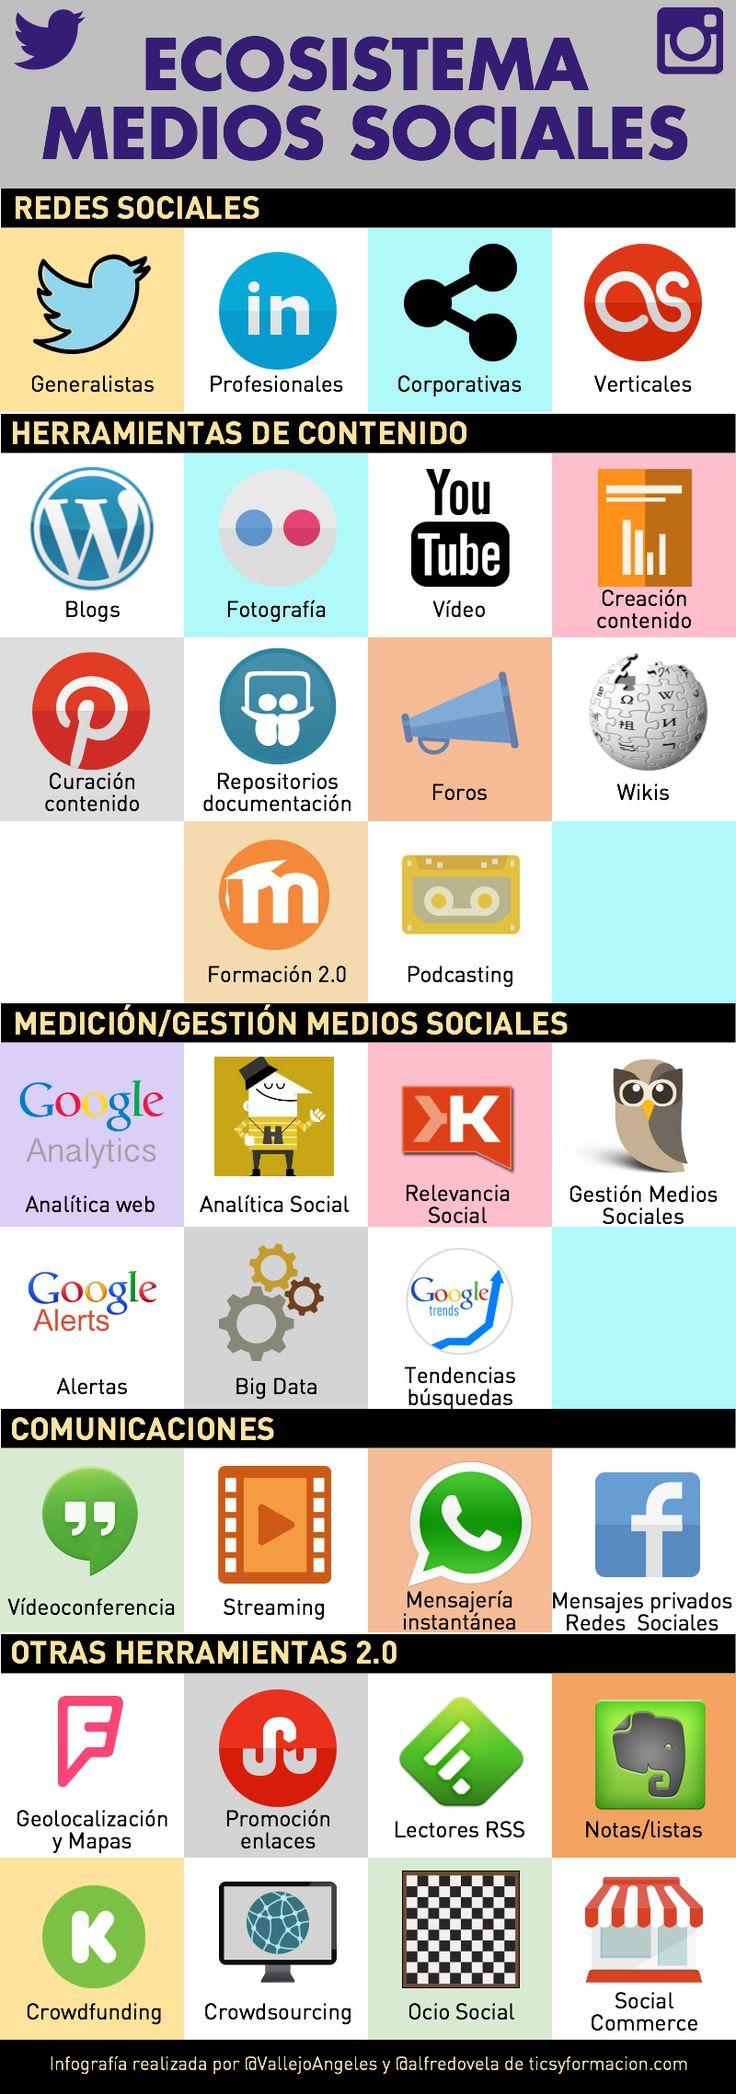 http://ticsyformacion.com/2015/01/25/como-buscar-trabajo-con-redes-sociales-y-sin-ellas-libro/